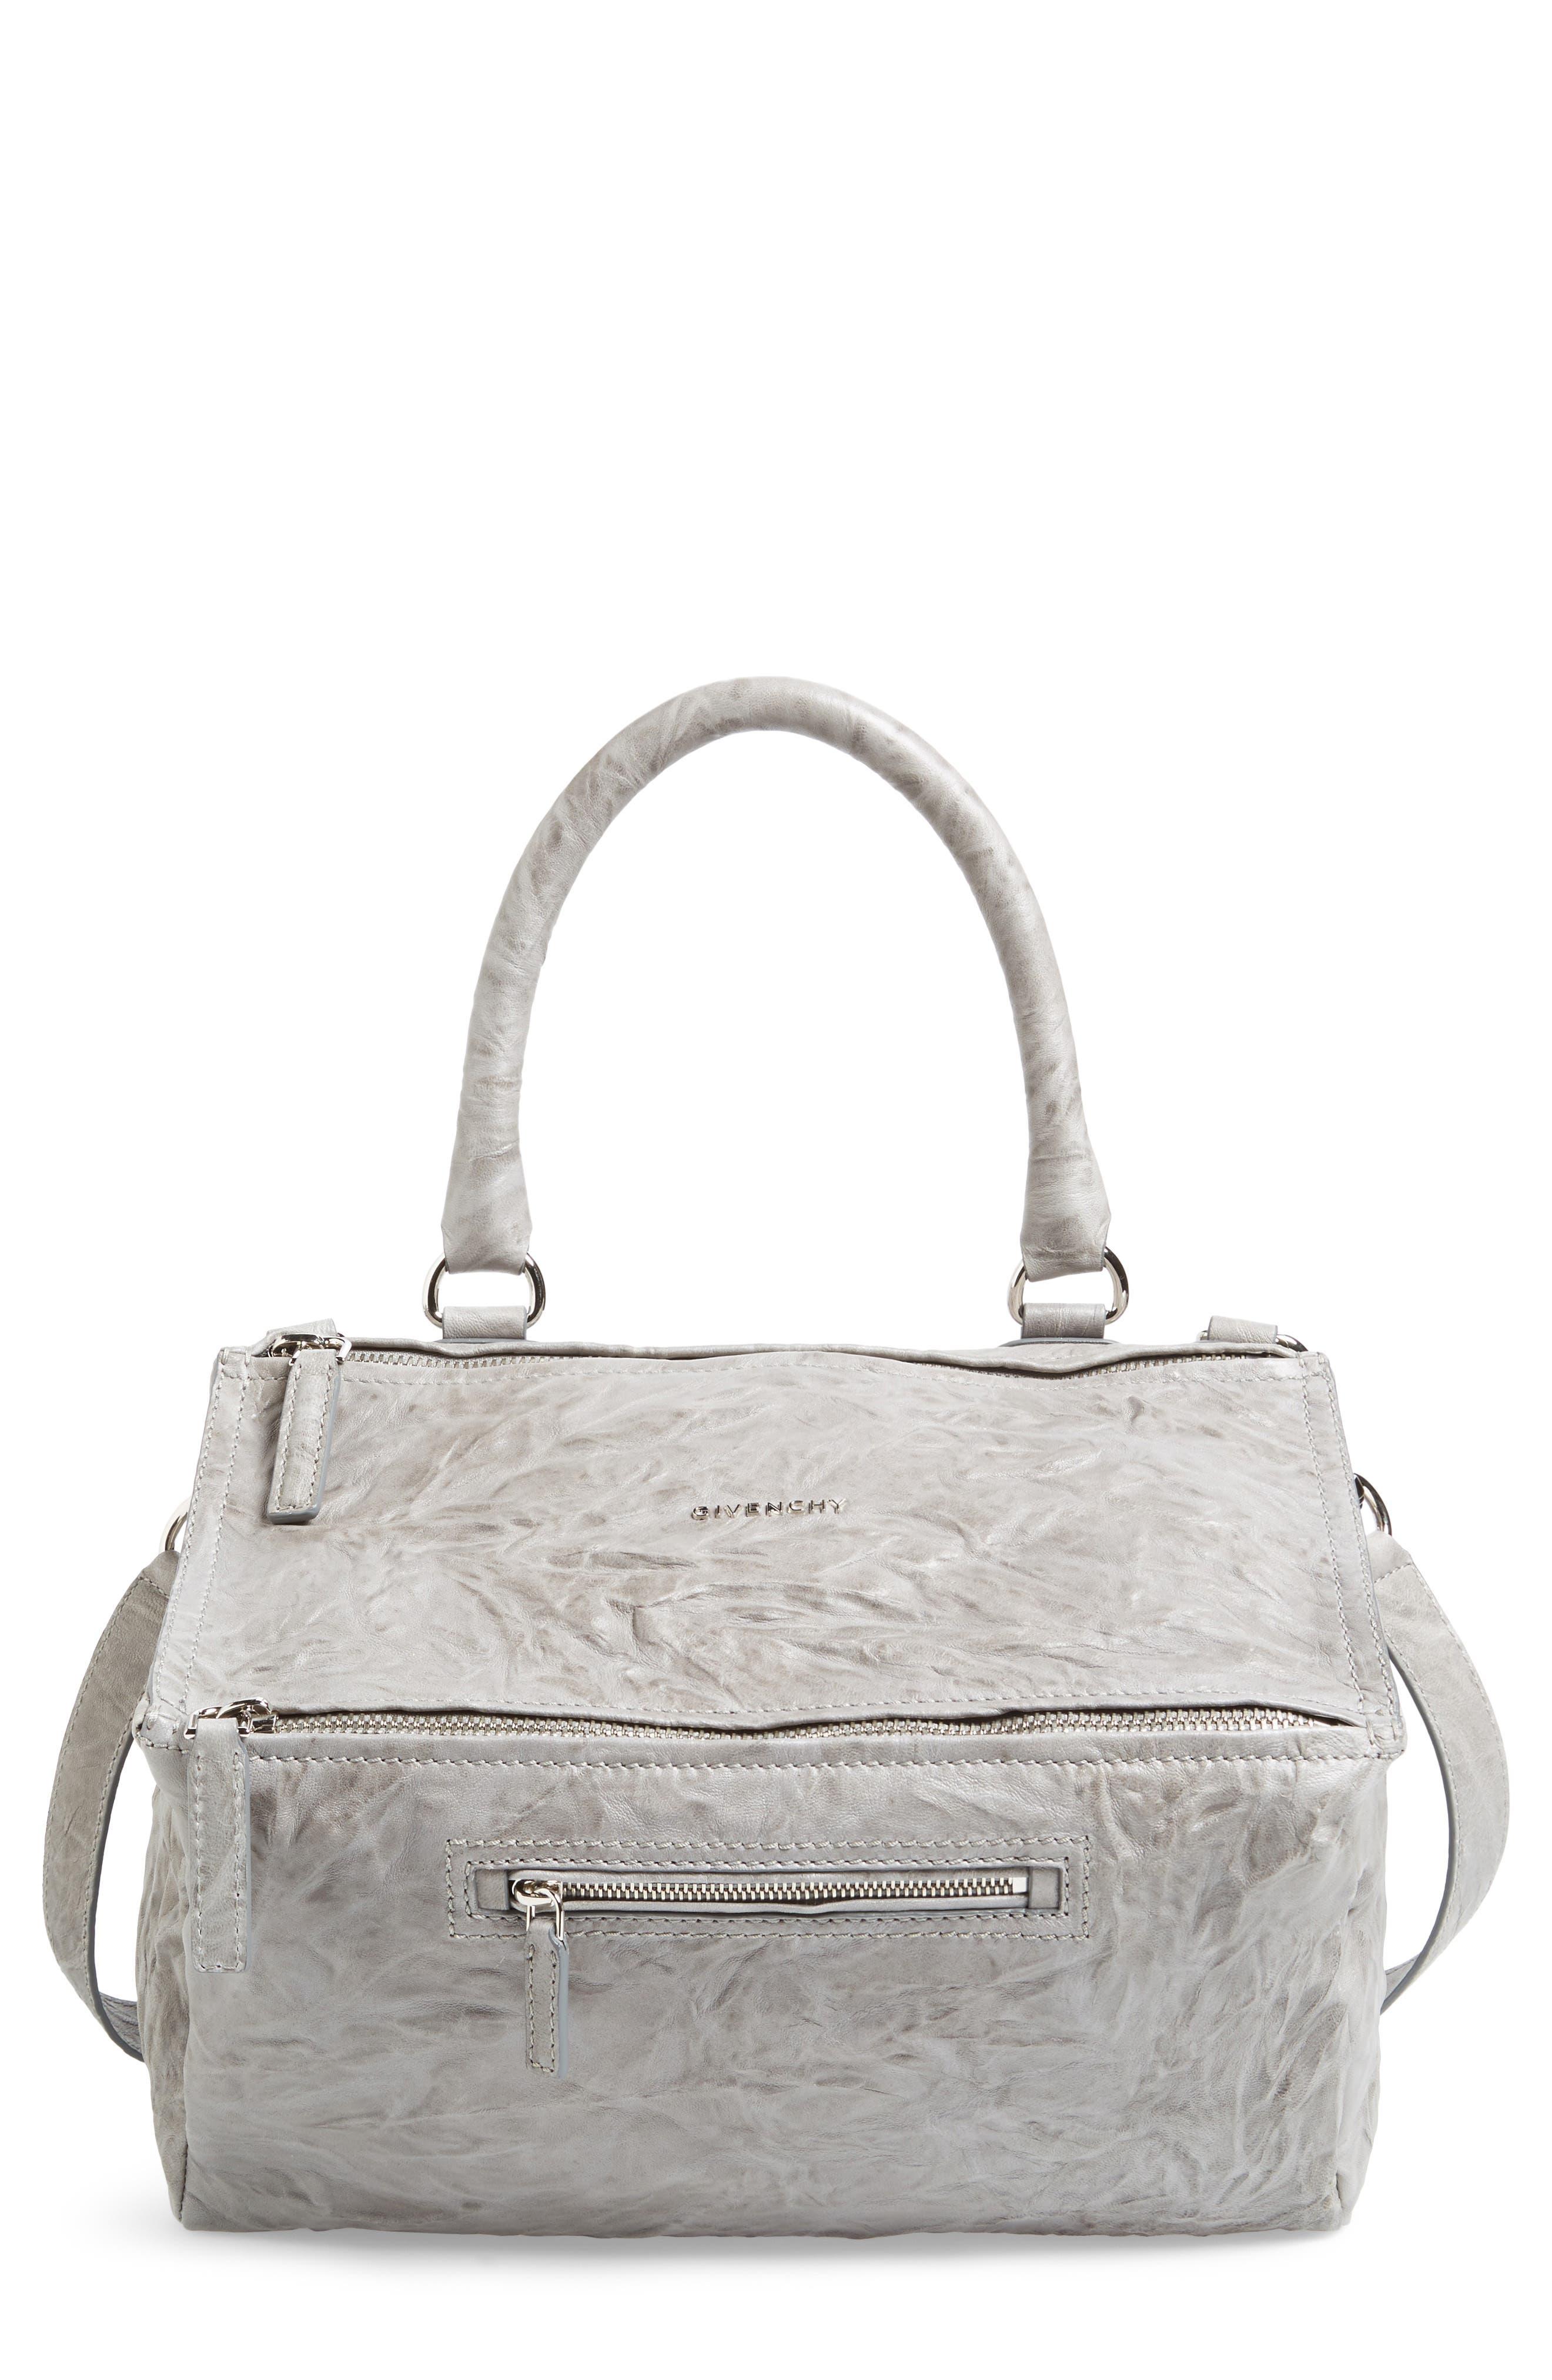 Alternate Image 1 Selected - Givenchy 'Medium Pepe Pandora' Leather Satchel